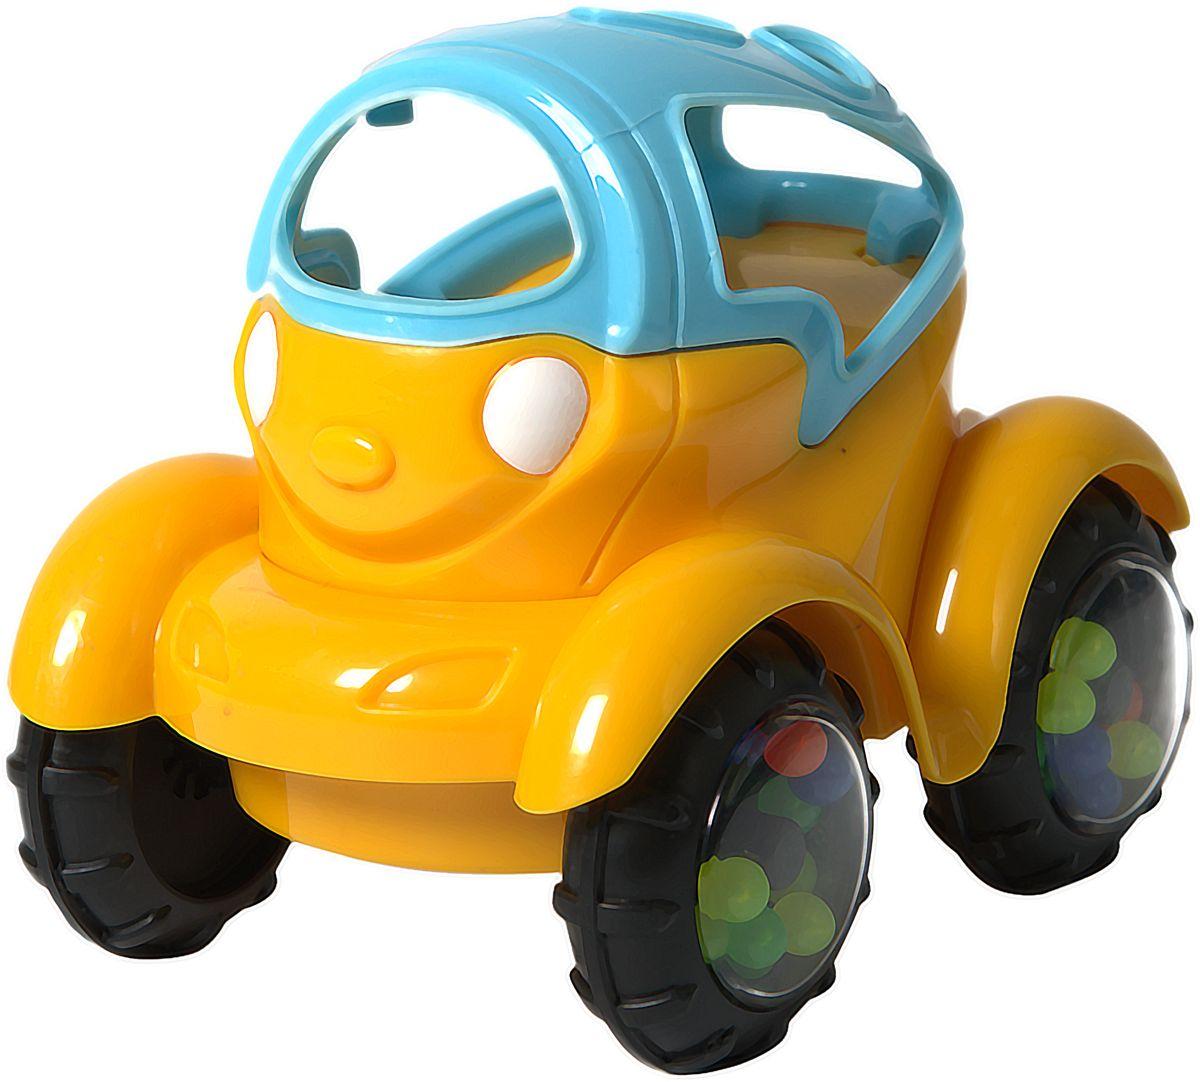 Baby Trend Машинка-неразбивайка цвет синий, желтый